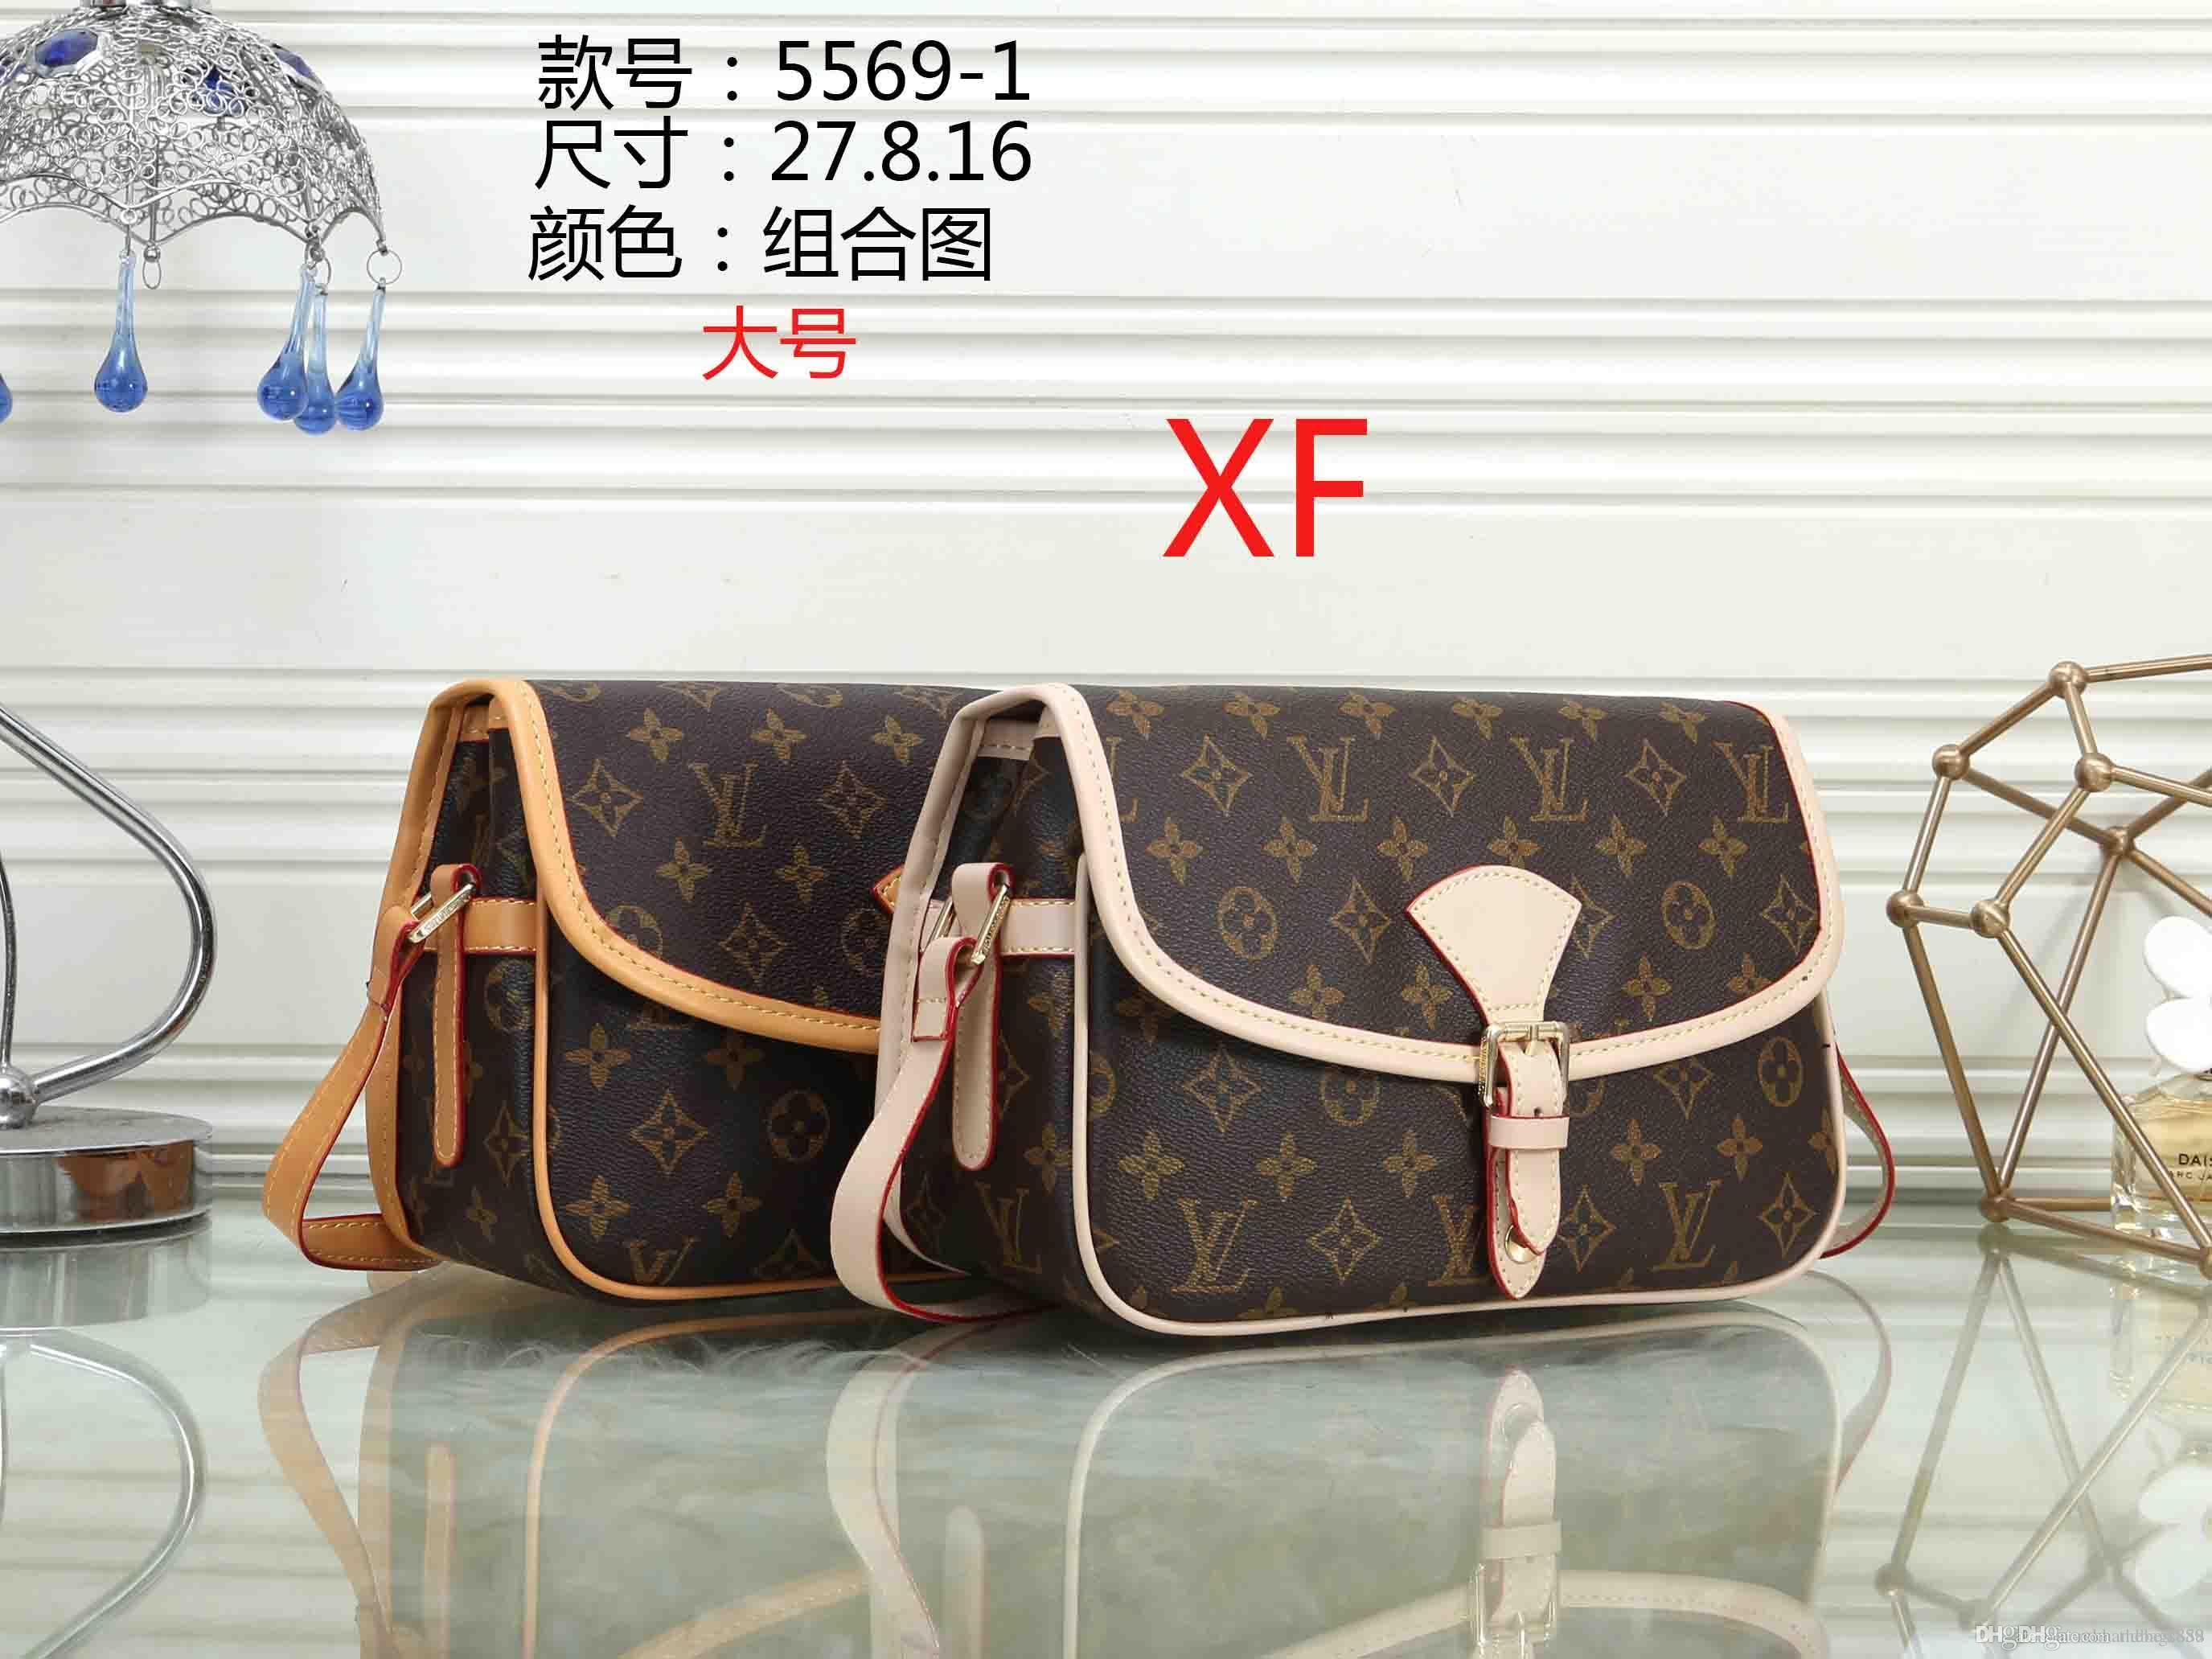 mk 5569 1 xf new styles fashion bags ladies handbags designer bags rh dhgate com